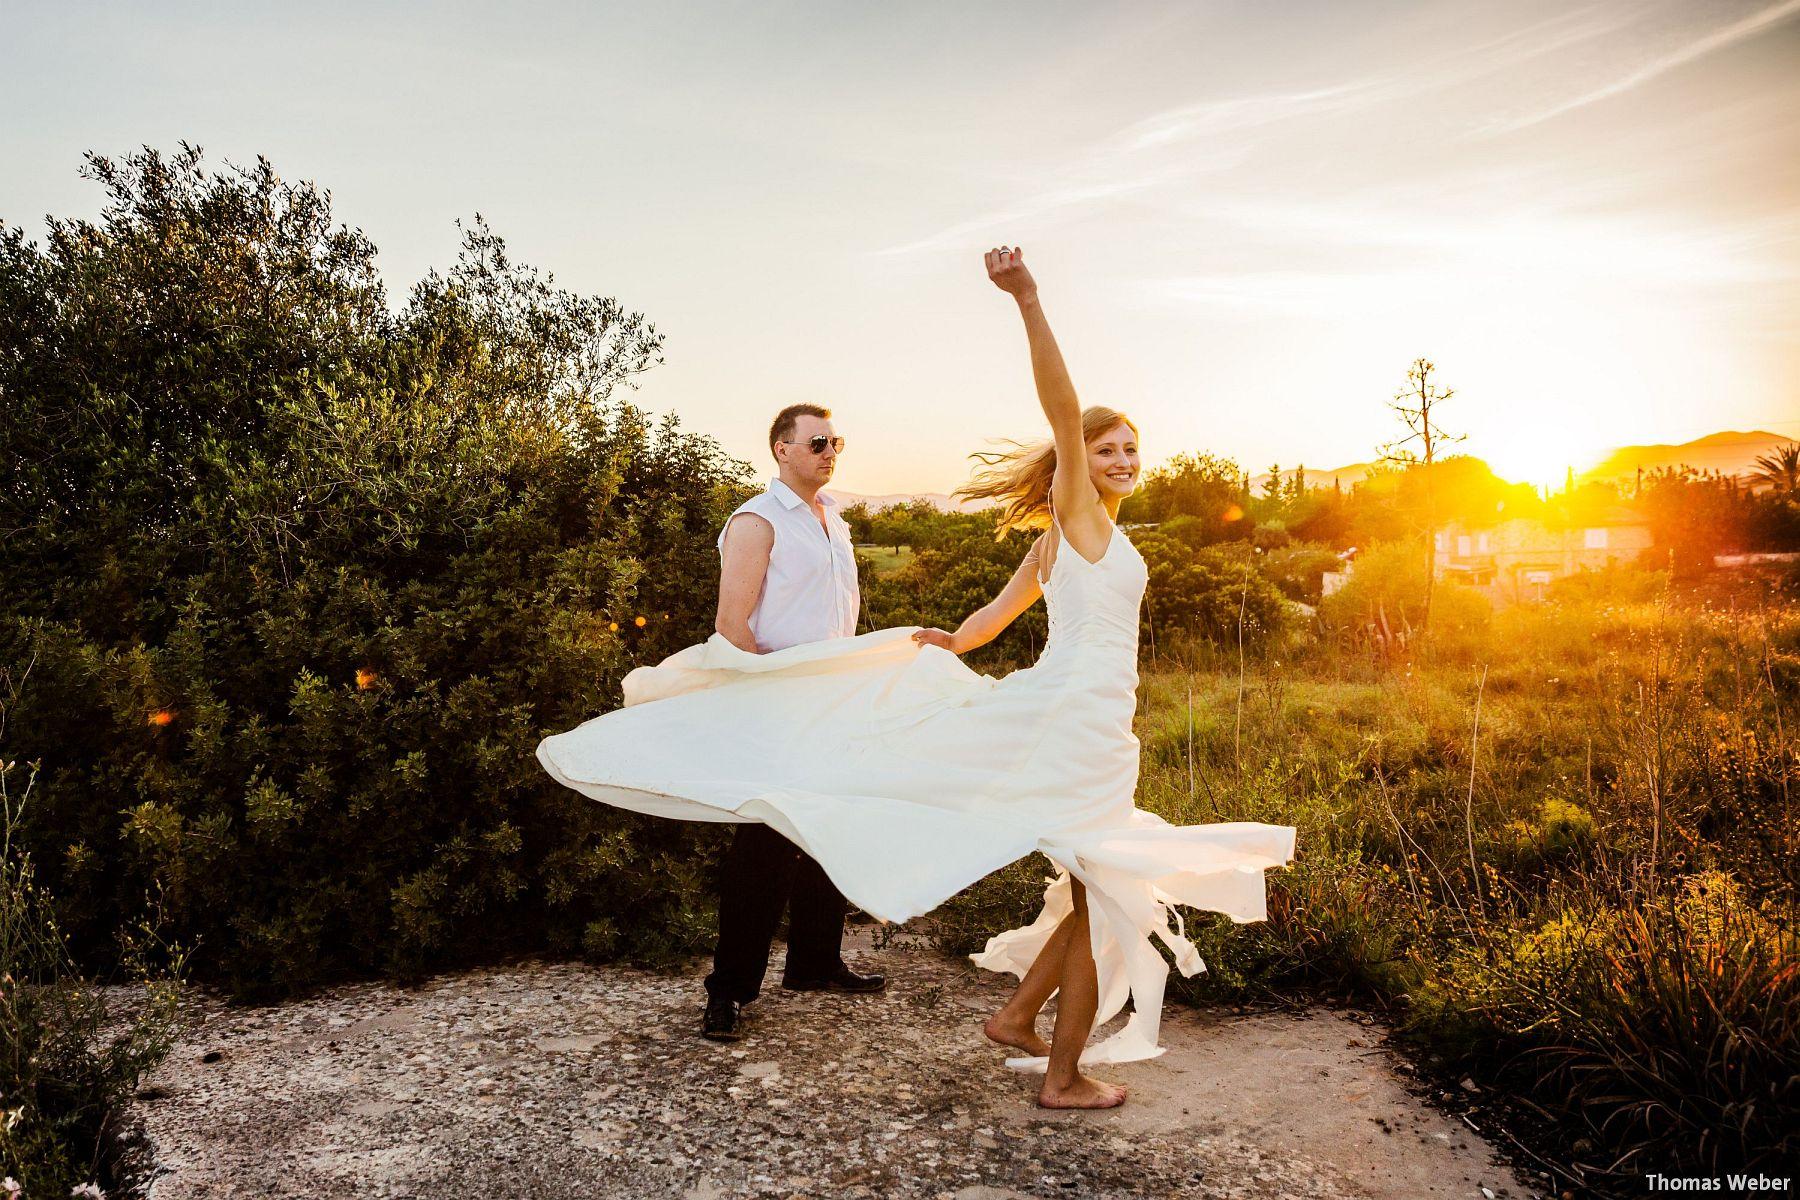 Hochzeitsfotograf Thomas Weber aus Oldenburg: Hochzeitsfotos und Paarfotos auf Mallorca (26)